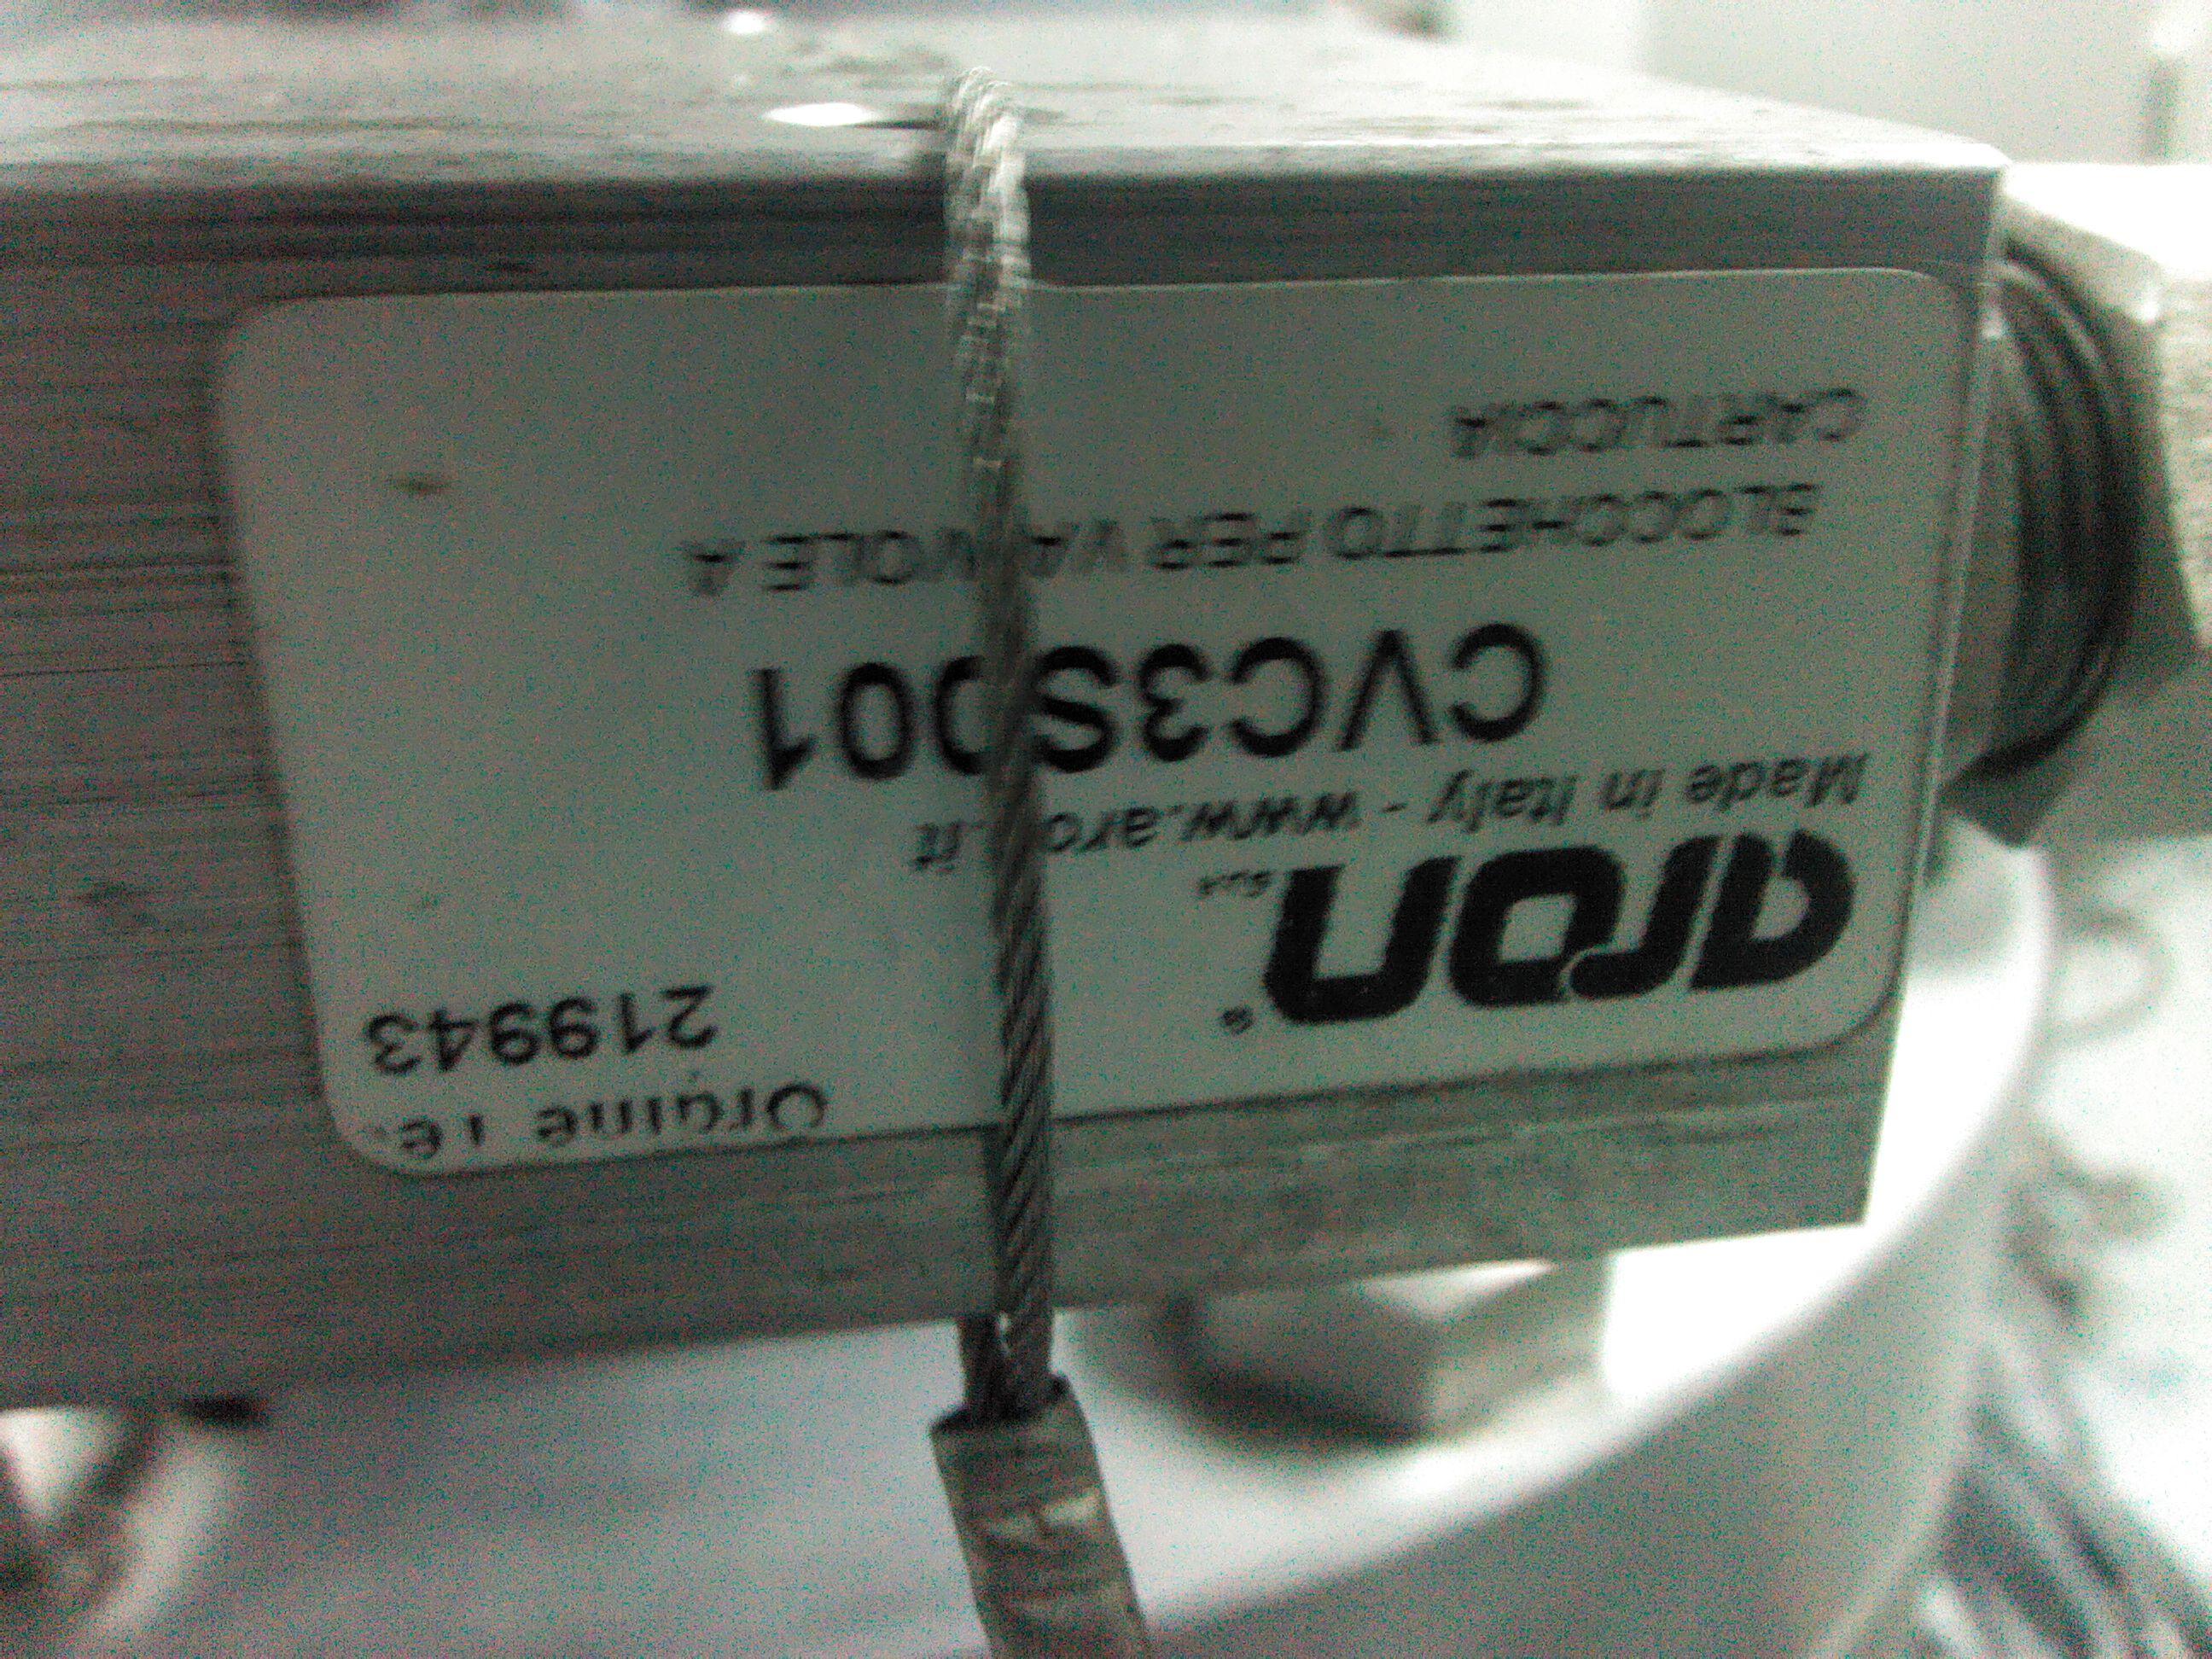 关于液压阀问题问答图片